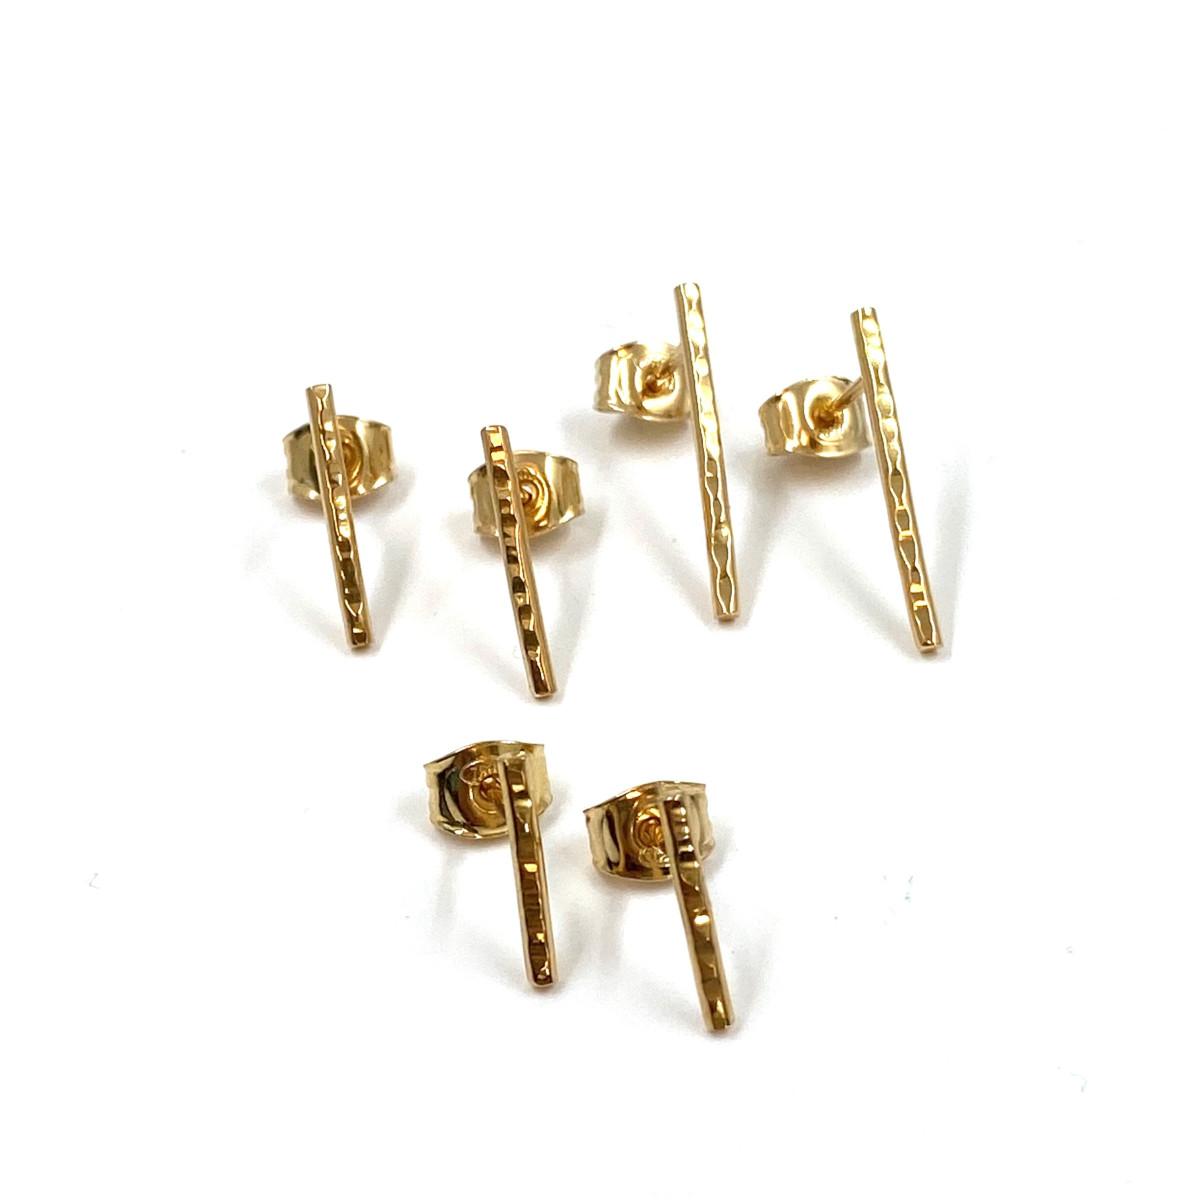 Örhängen, guldörhängen, stavar